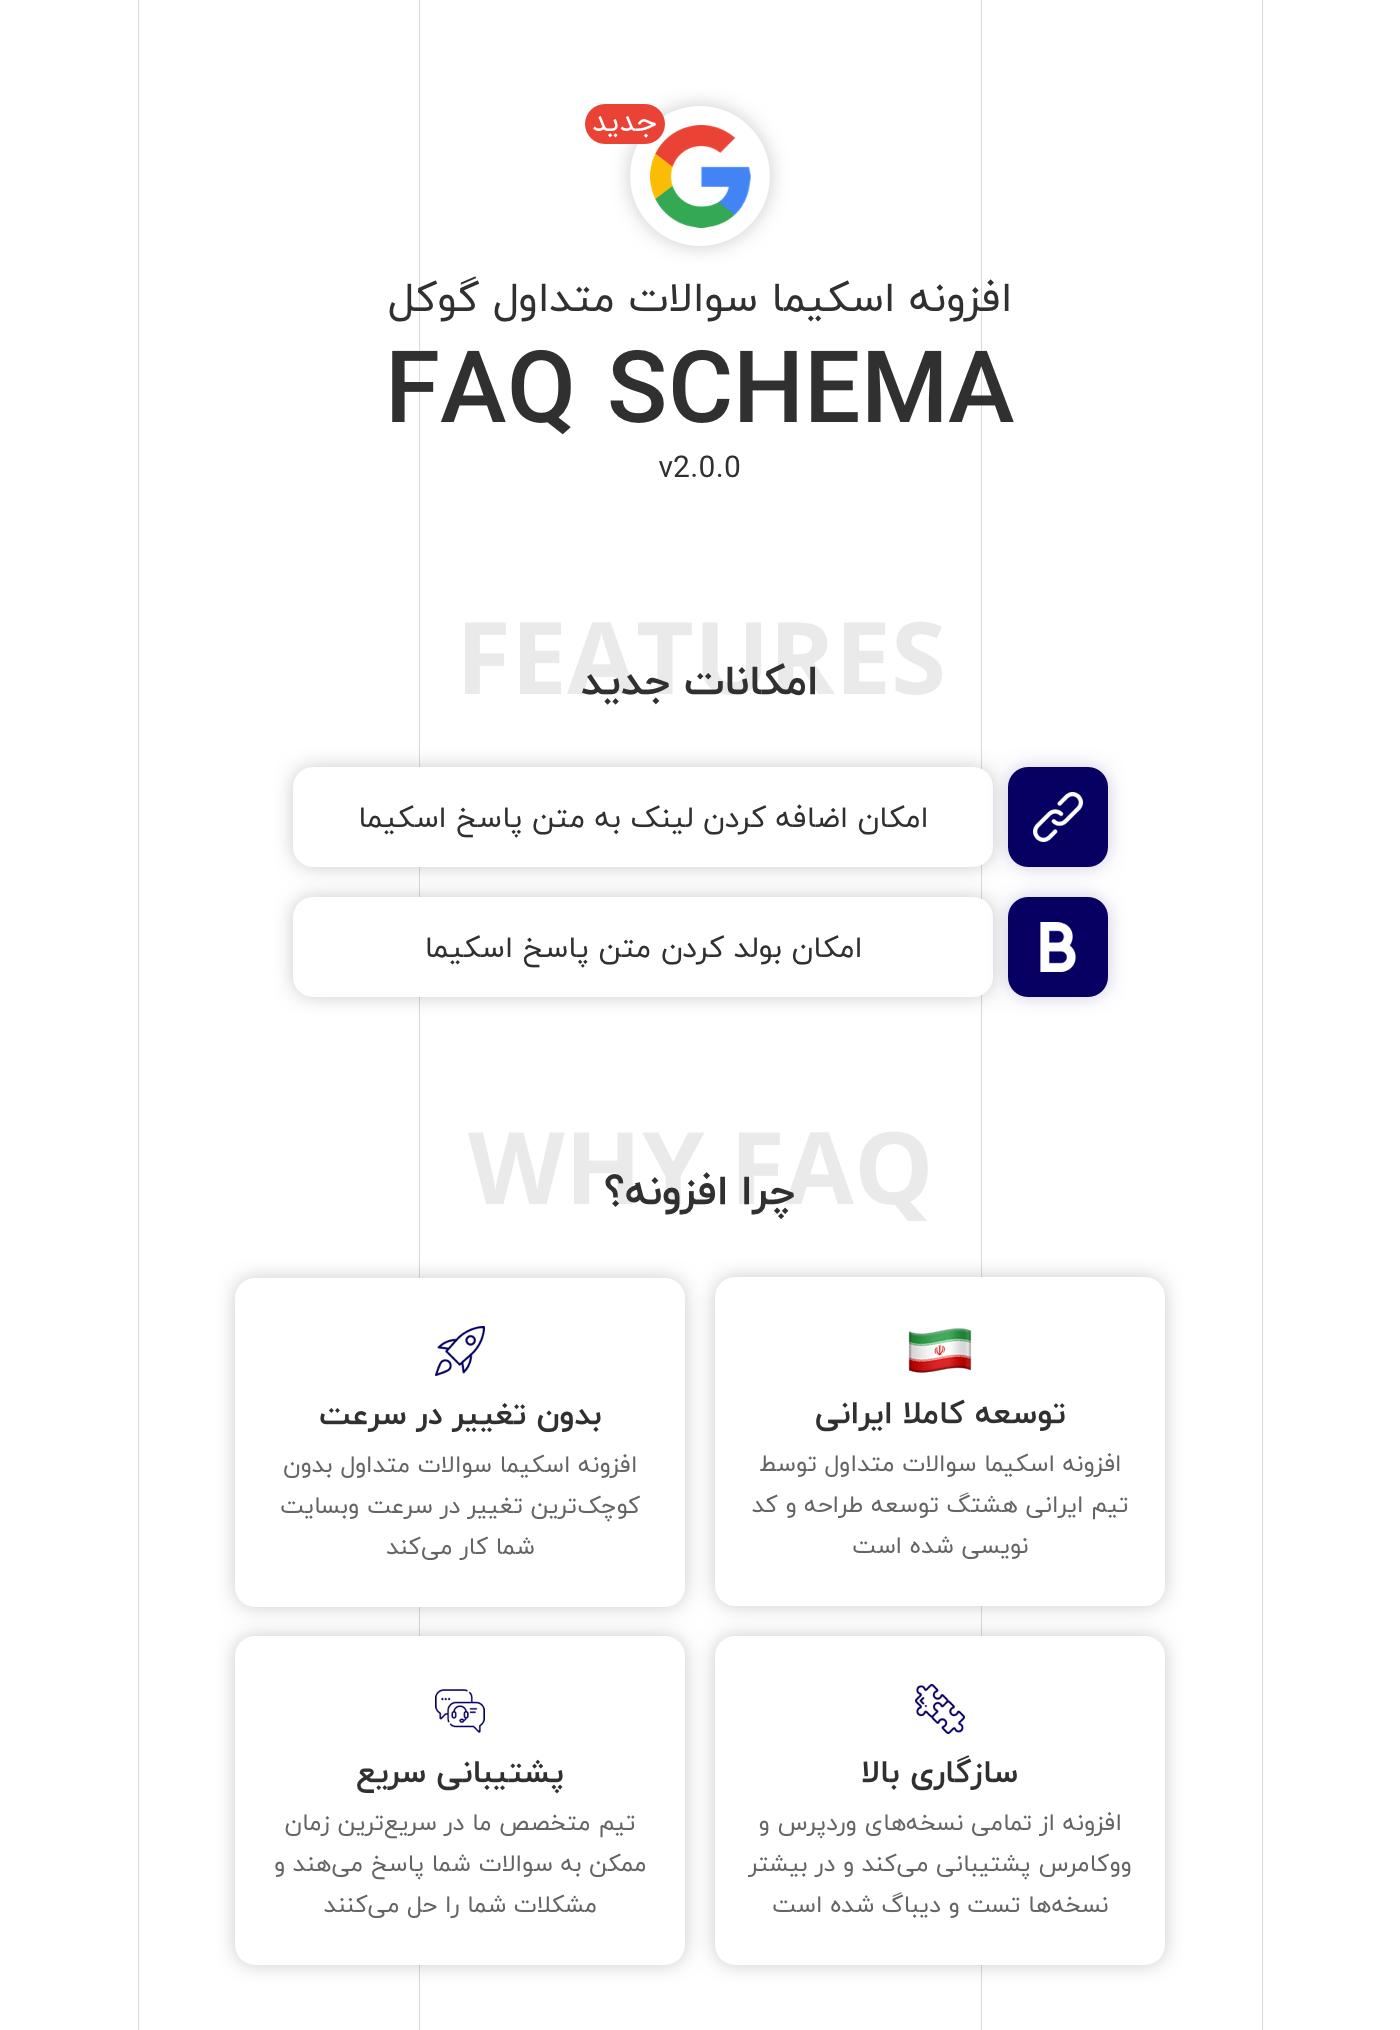 افزونه Faq Schema   افزونه اسکیما سوالات متداول